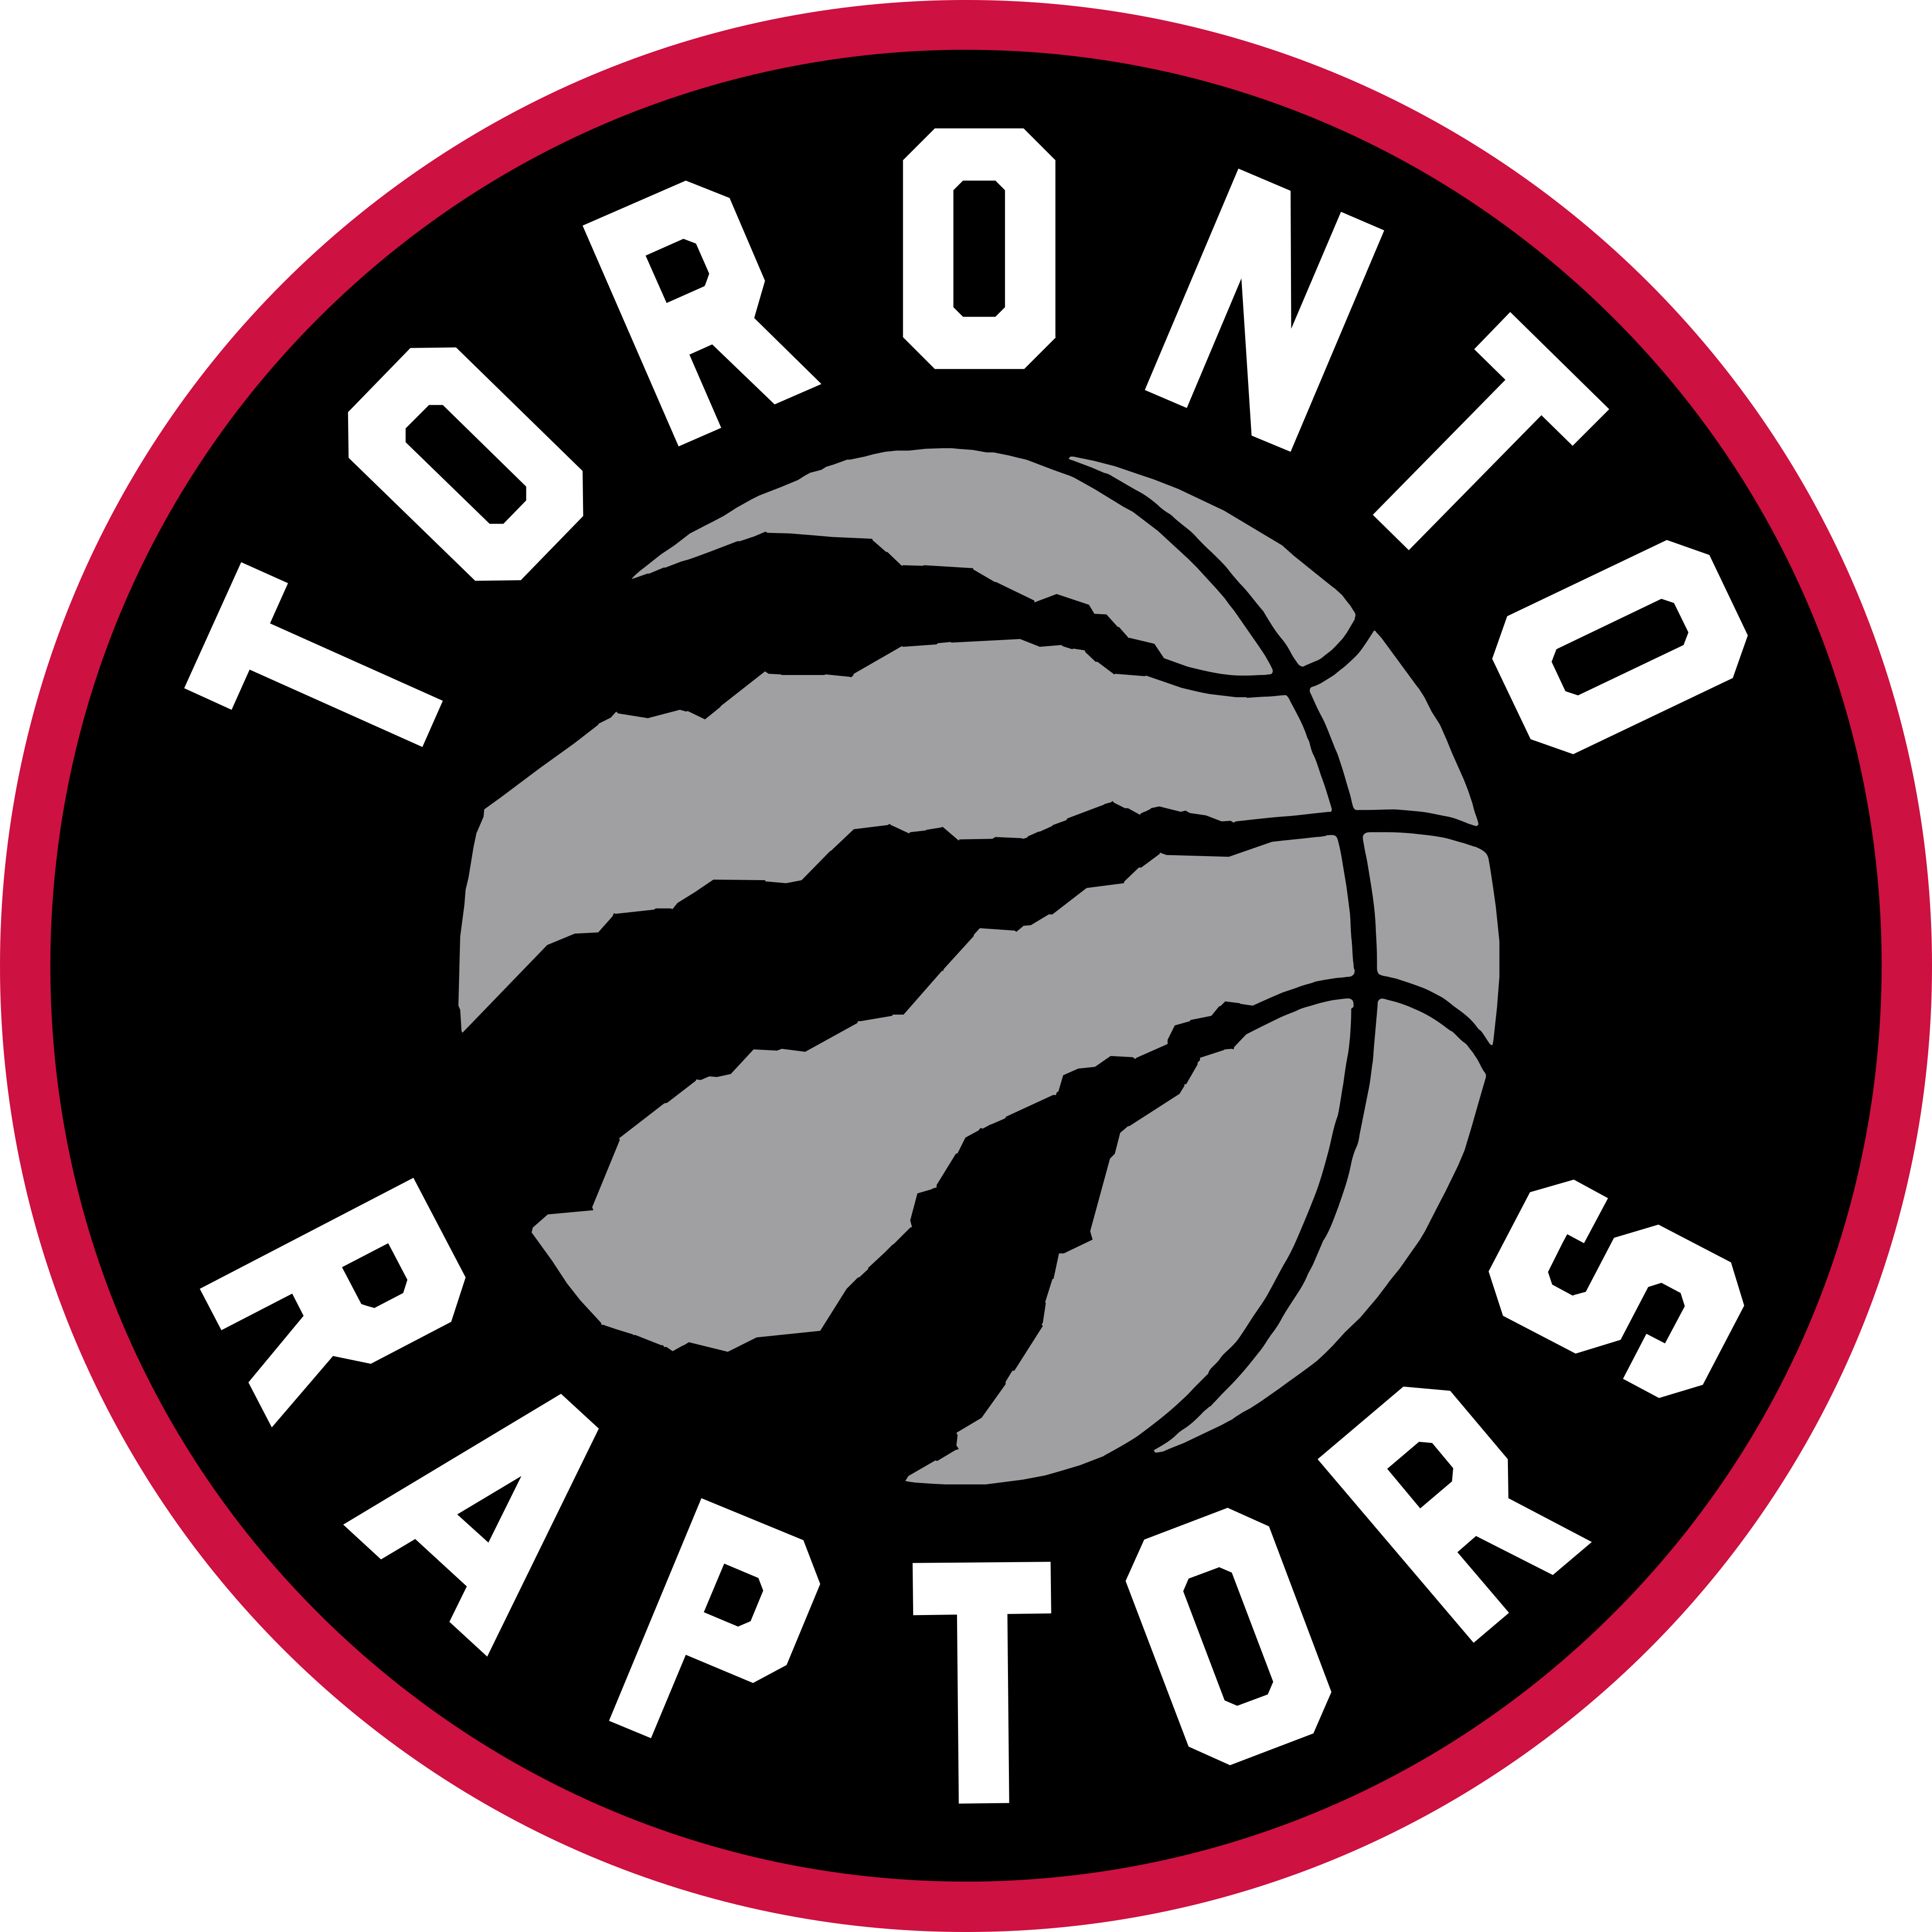 toronto raptors logo - Toronto Raptors Logo